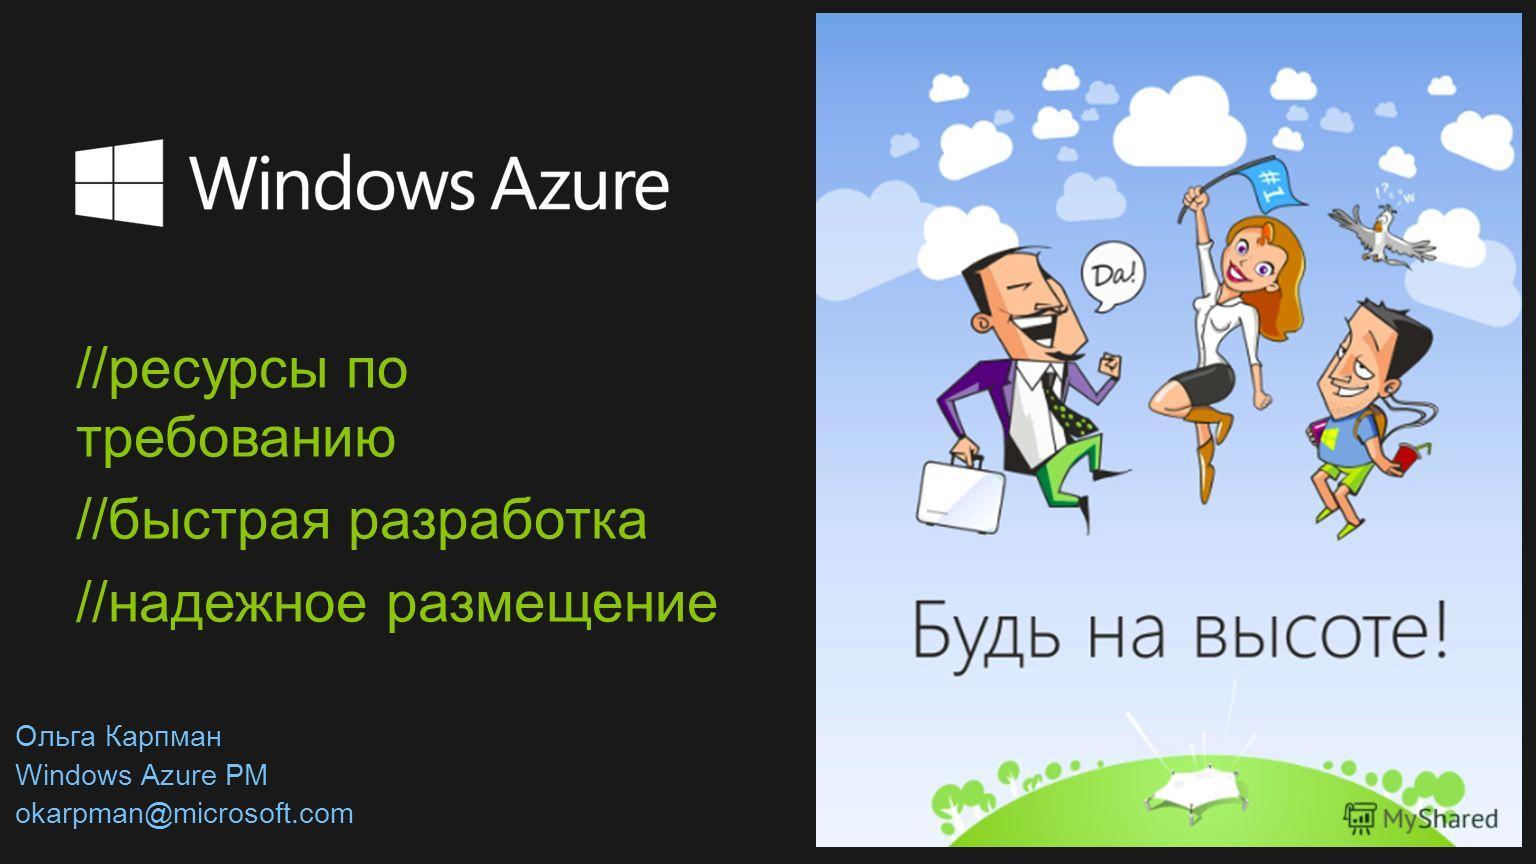 //ресурсы по требованию //быстрая разработка //надежное размещение Ольга Карпман Windows Azure PM okarpman@microsoft.com